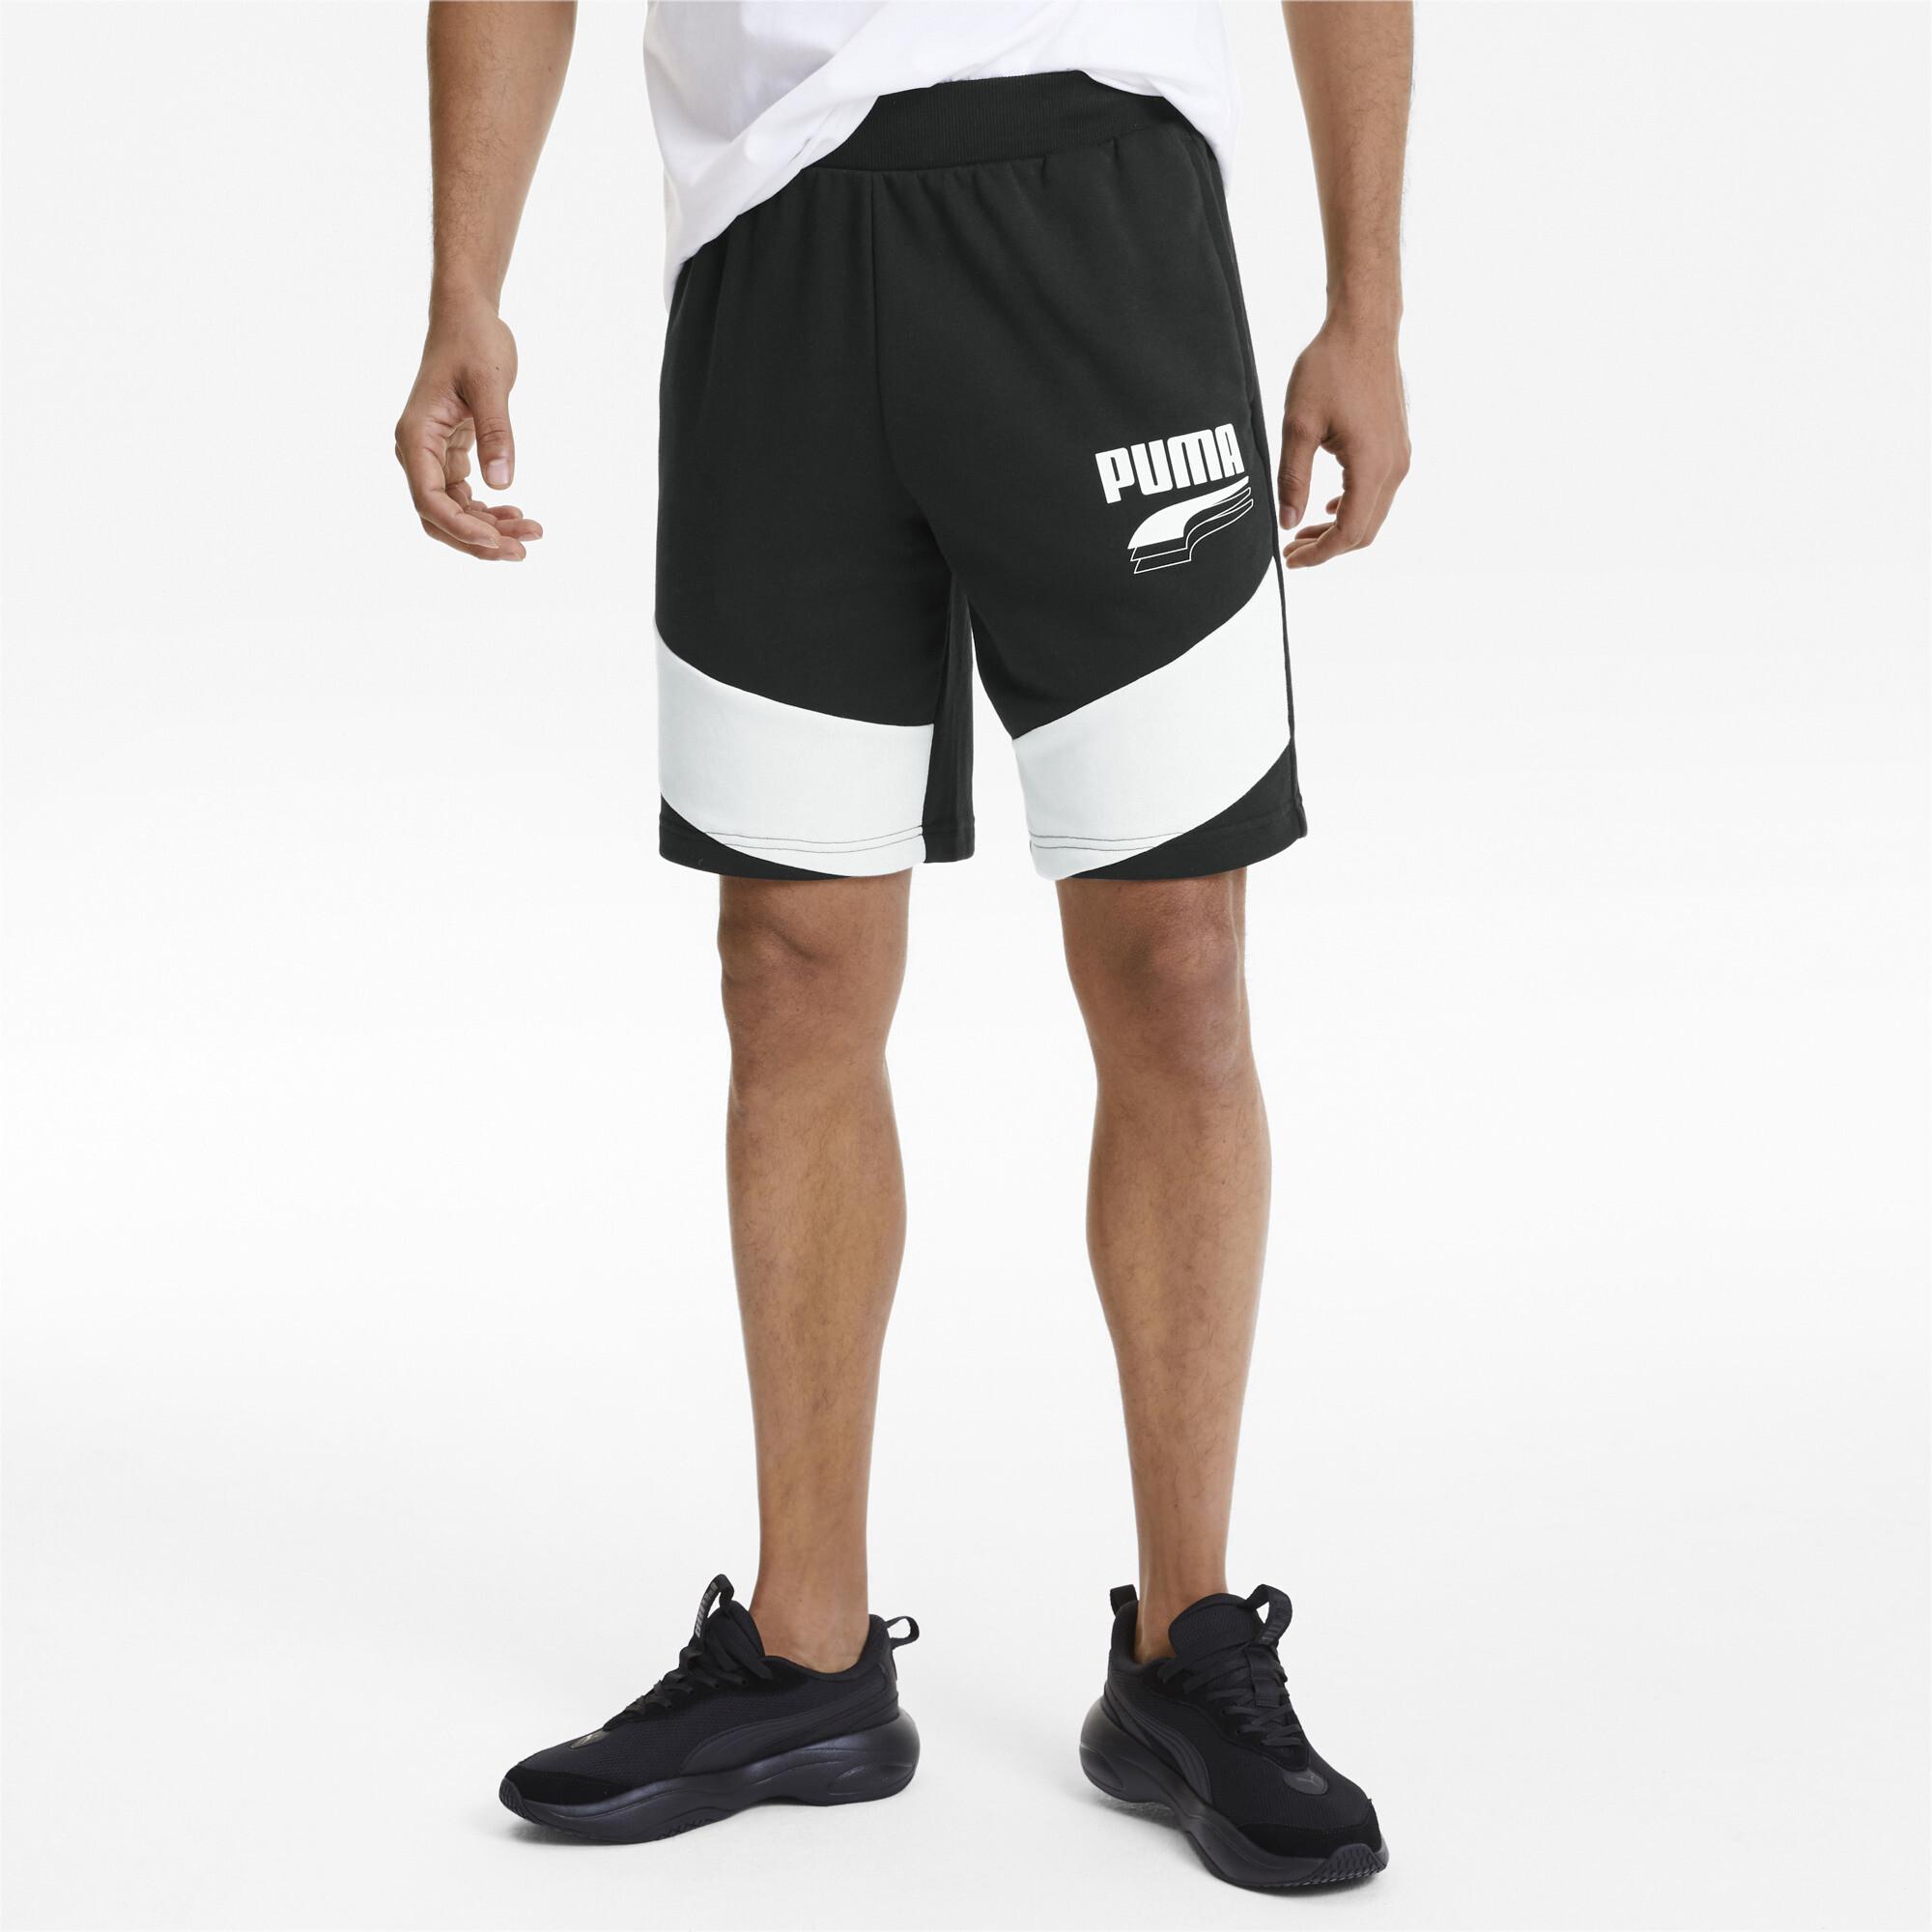 PUMA-Rebel-Block-Men-039-s-Shorts-Men-Knitted-Shorts-Basics thumbnail 4